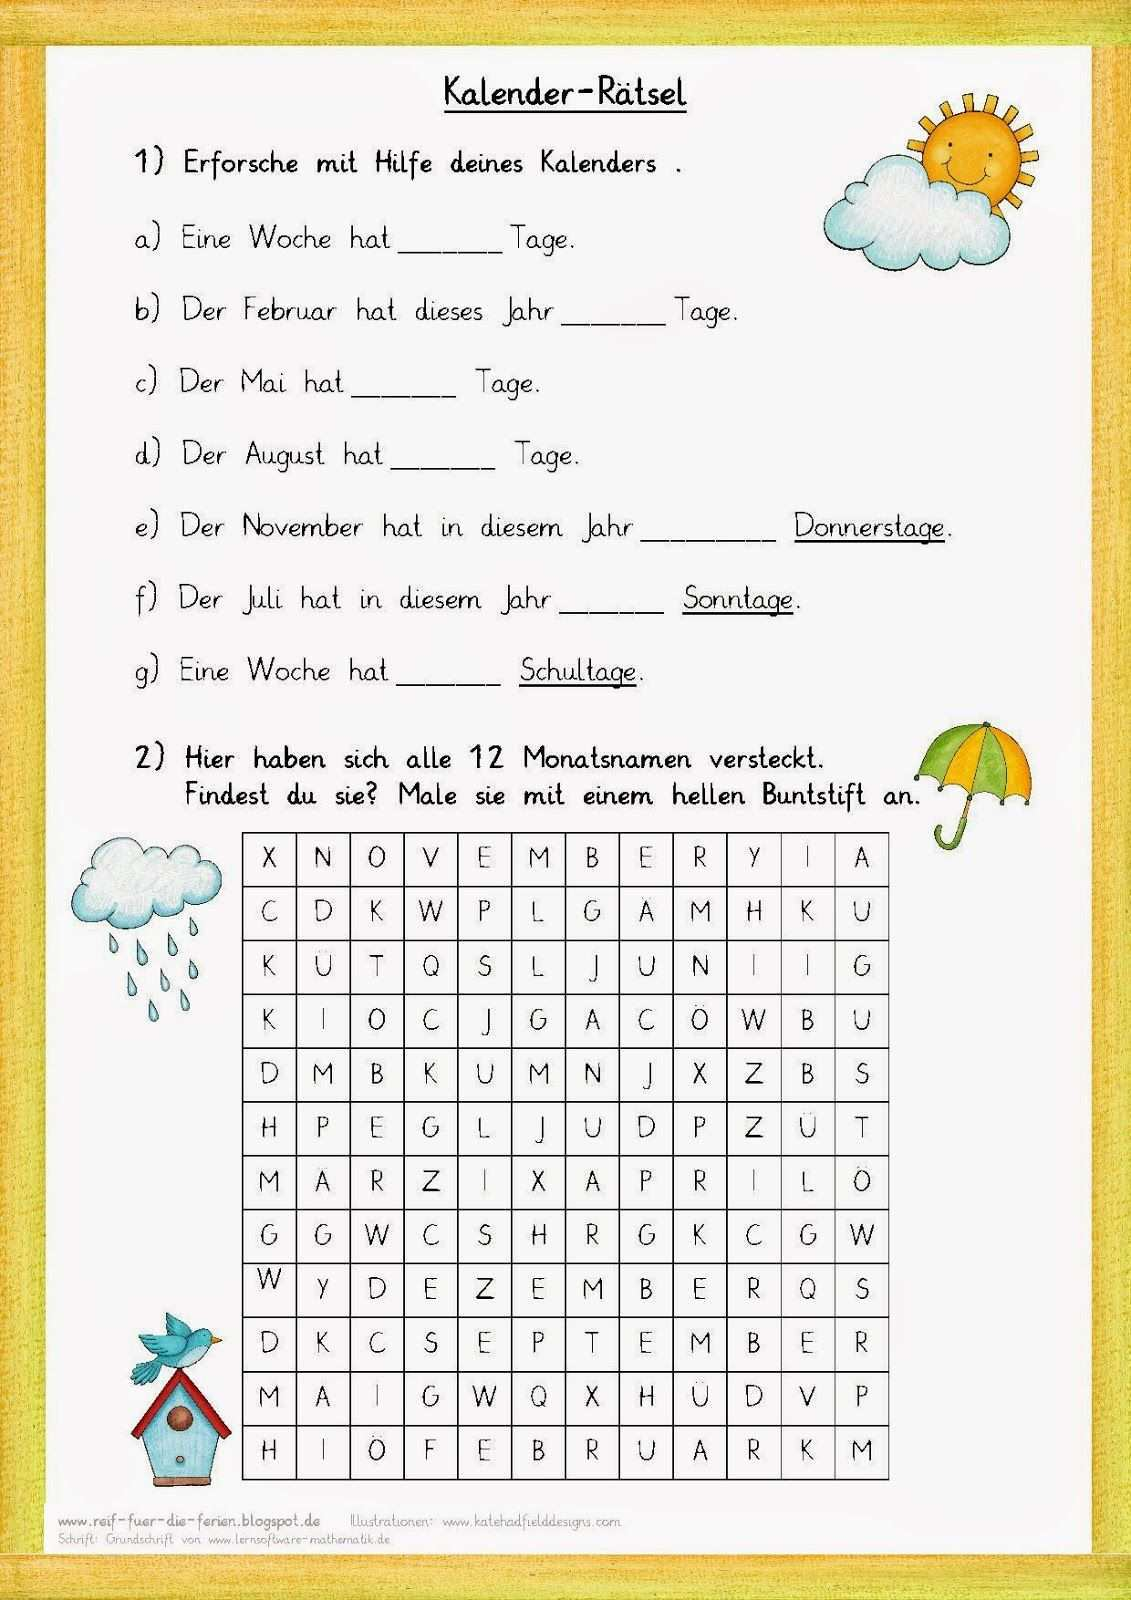 Kalender Ratsel Zum Jahr Reif Fur Die Ferien Arbeitsblatter Grundschule Unterrichten